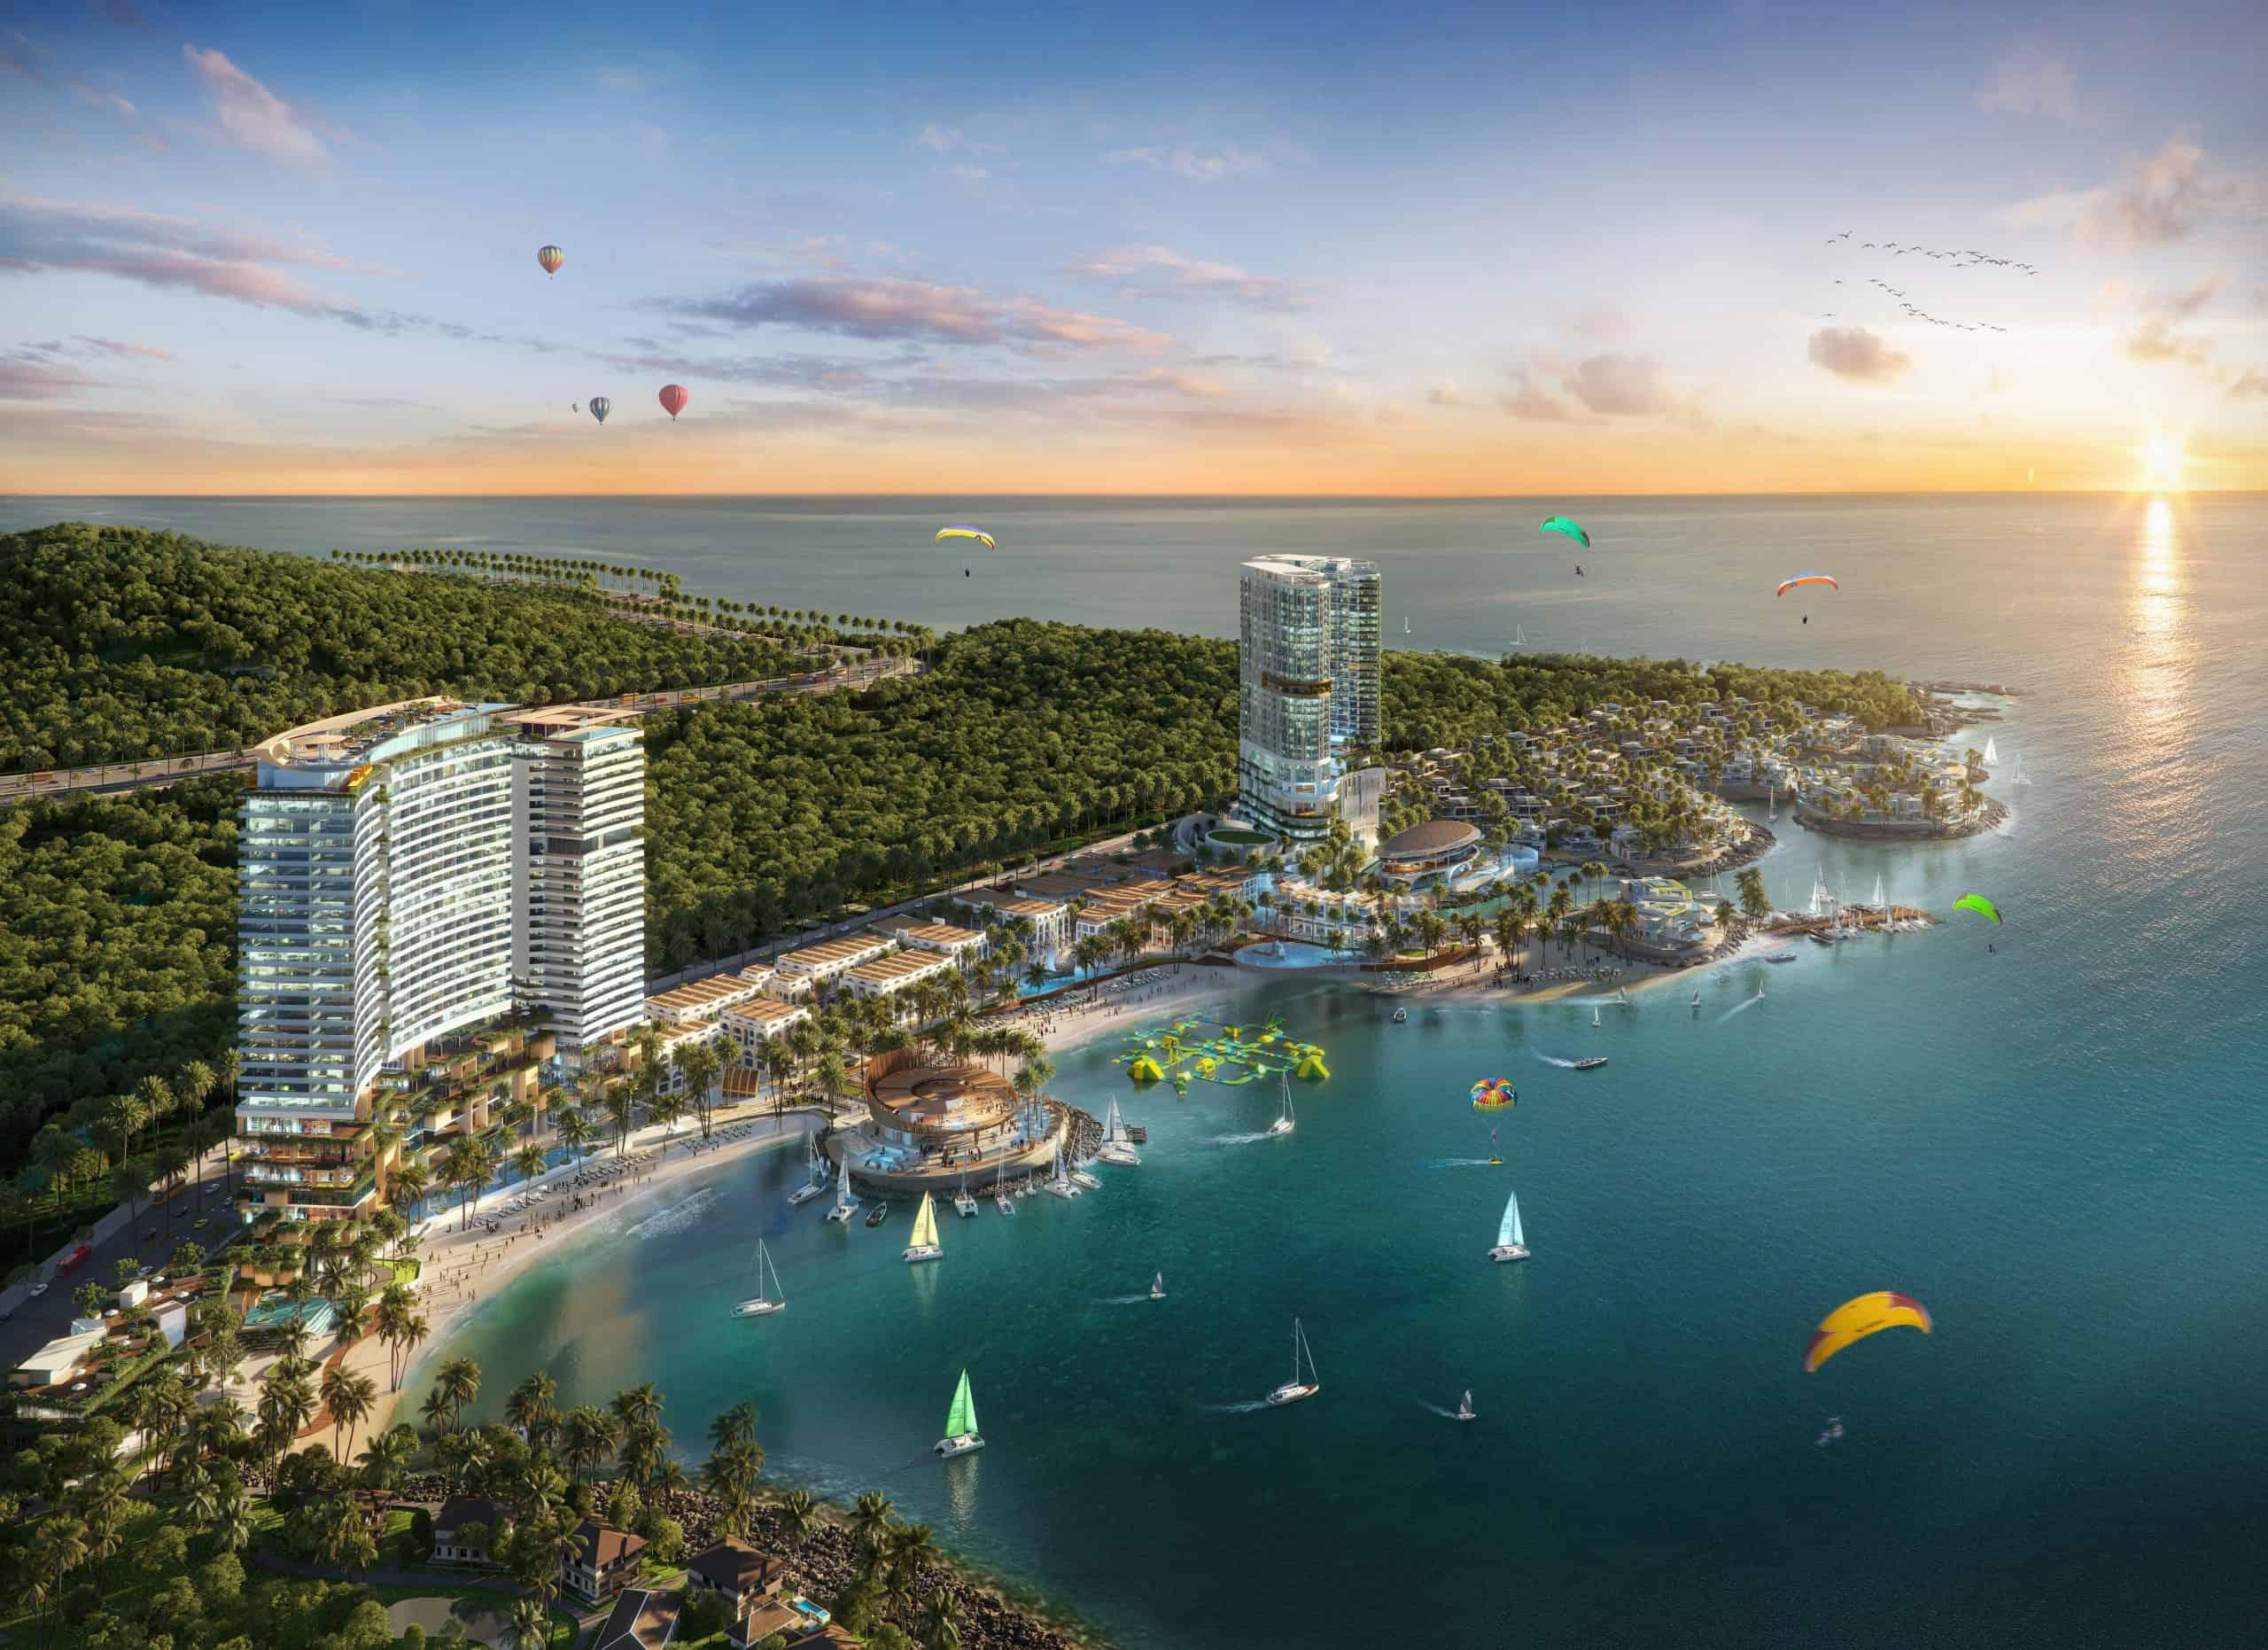 Tổ hợp nghỉ dưỡng Vega City có vị trí thuận lợi cho phát triển kinh tế